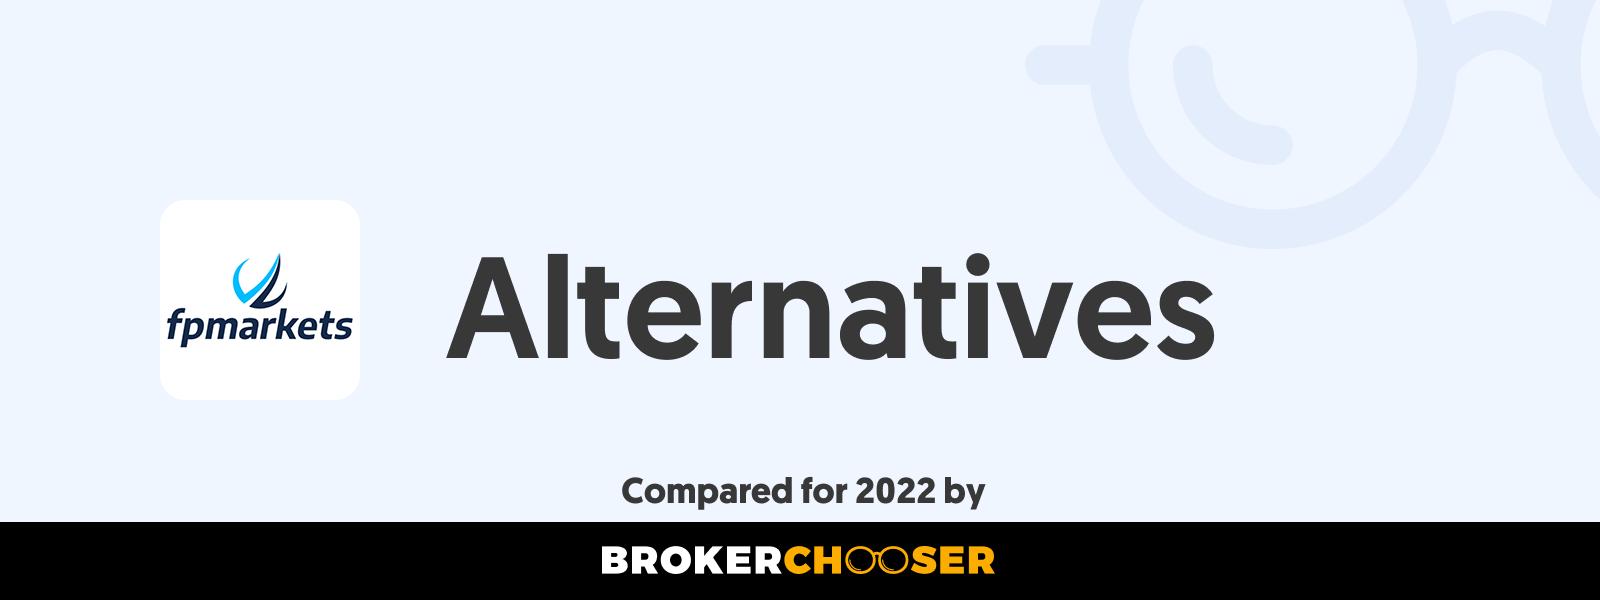 FP Markets Alternatives